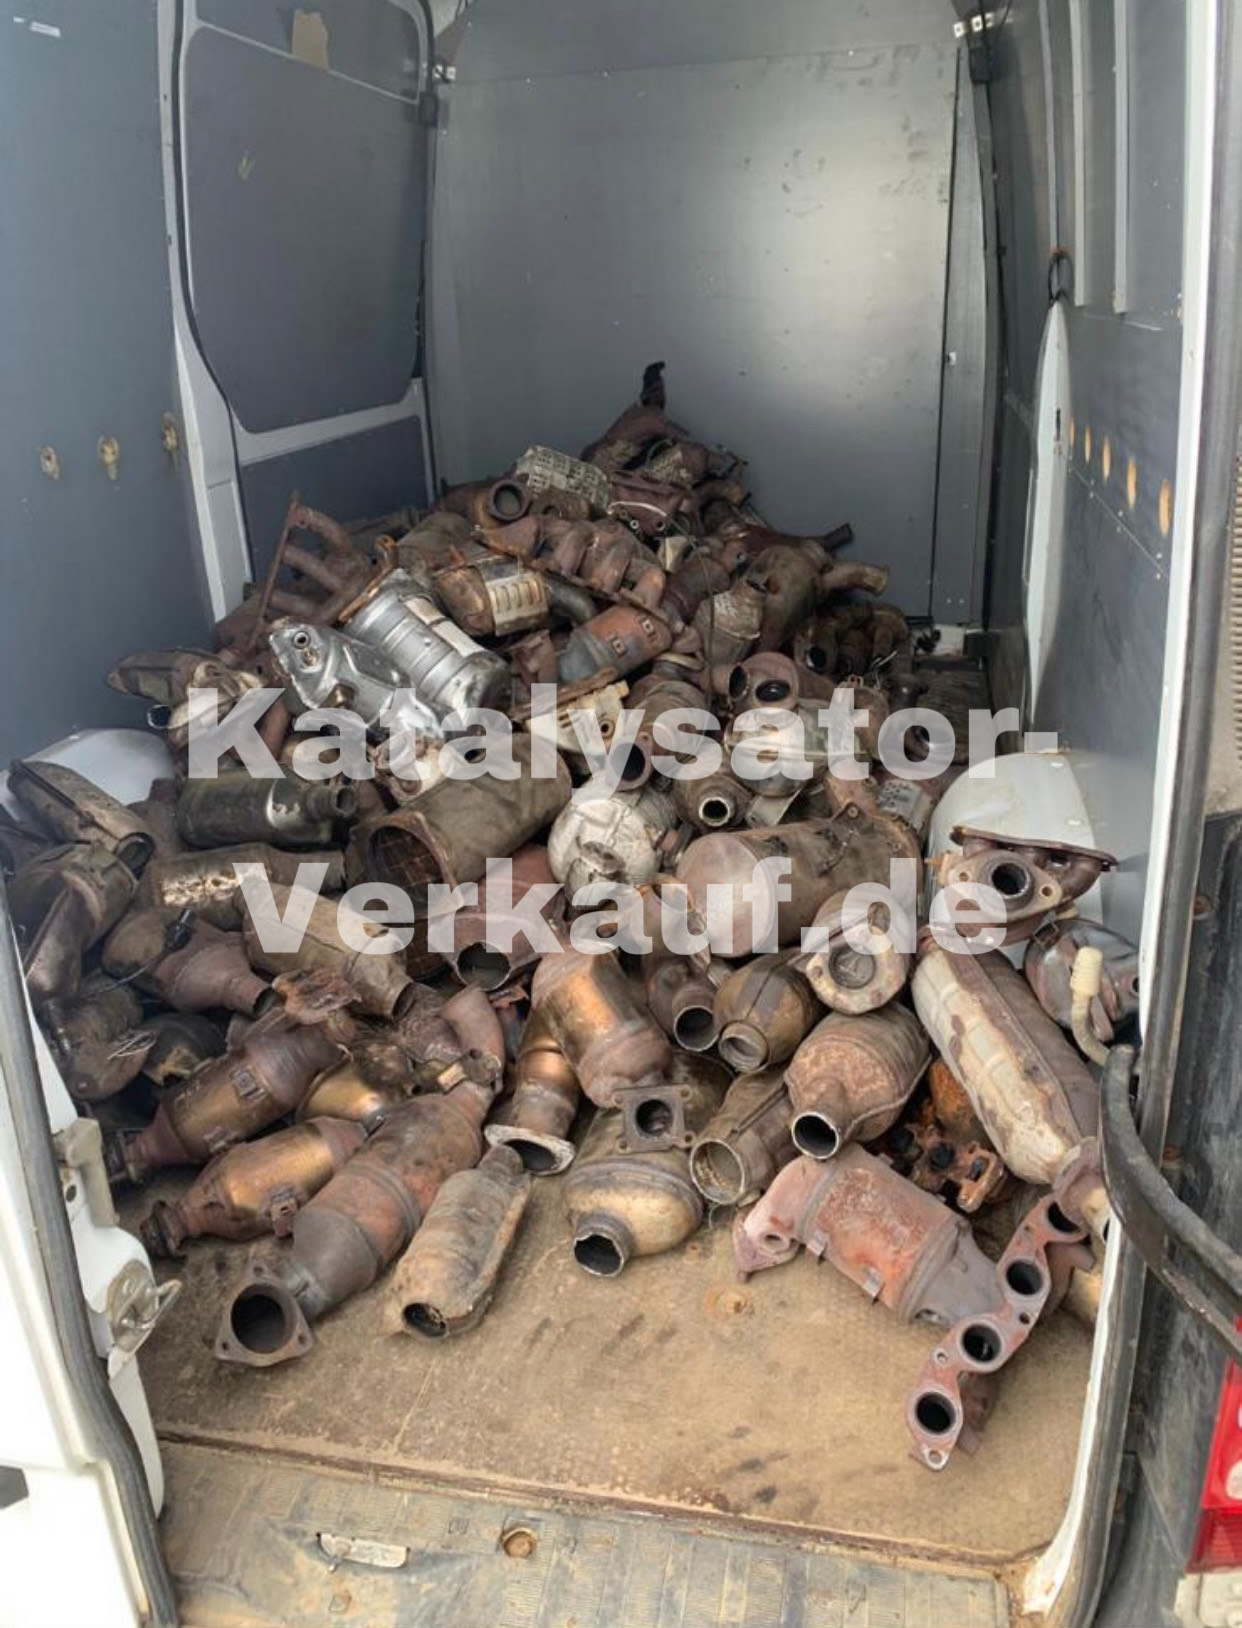 Katalysator Recycling verkaufen kaufen Nordrhein Westfalen Bayern Kat verkaufen kat ankauf monolith ankauf keramik verkaufen scr katalysator katalysator händler